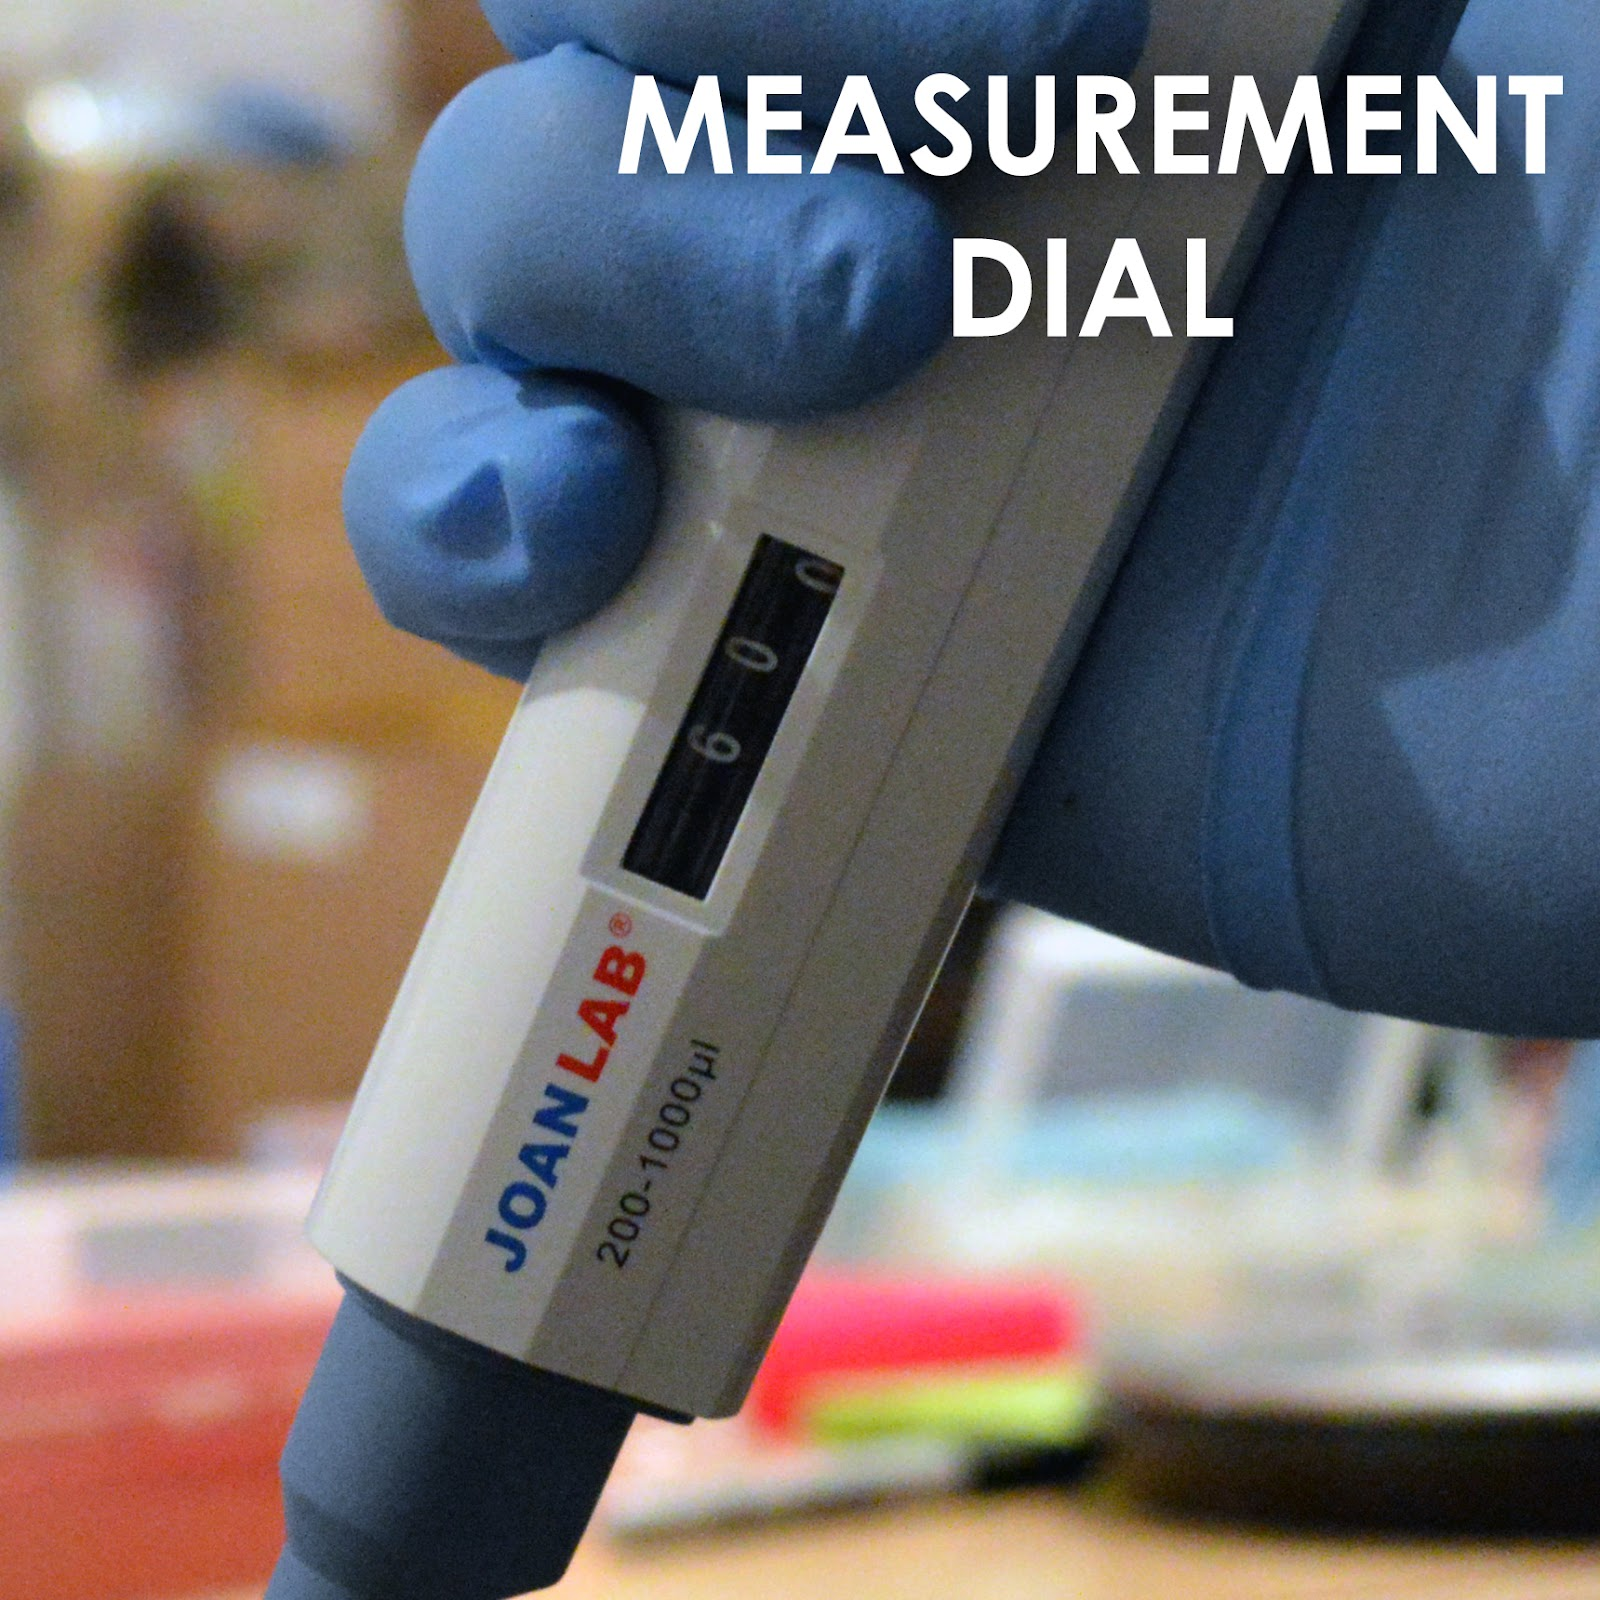 Measurementdialcloseup.jpg